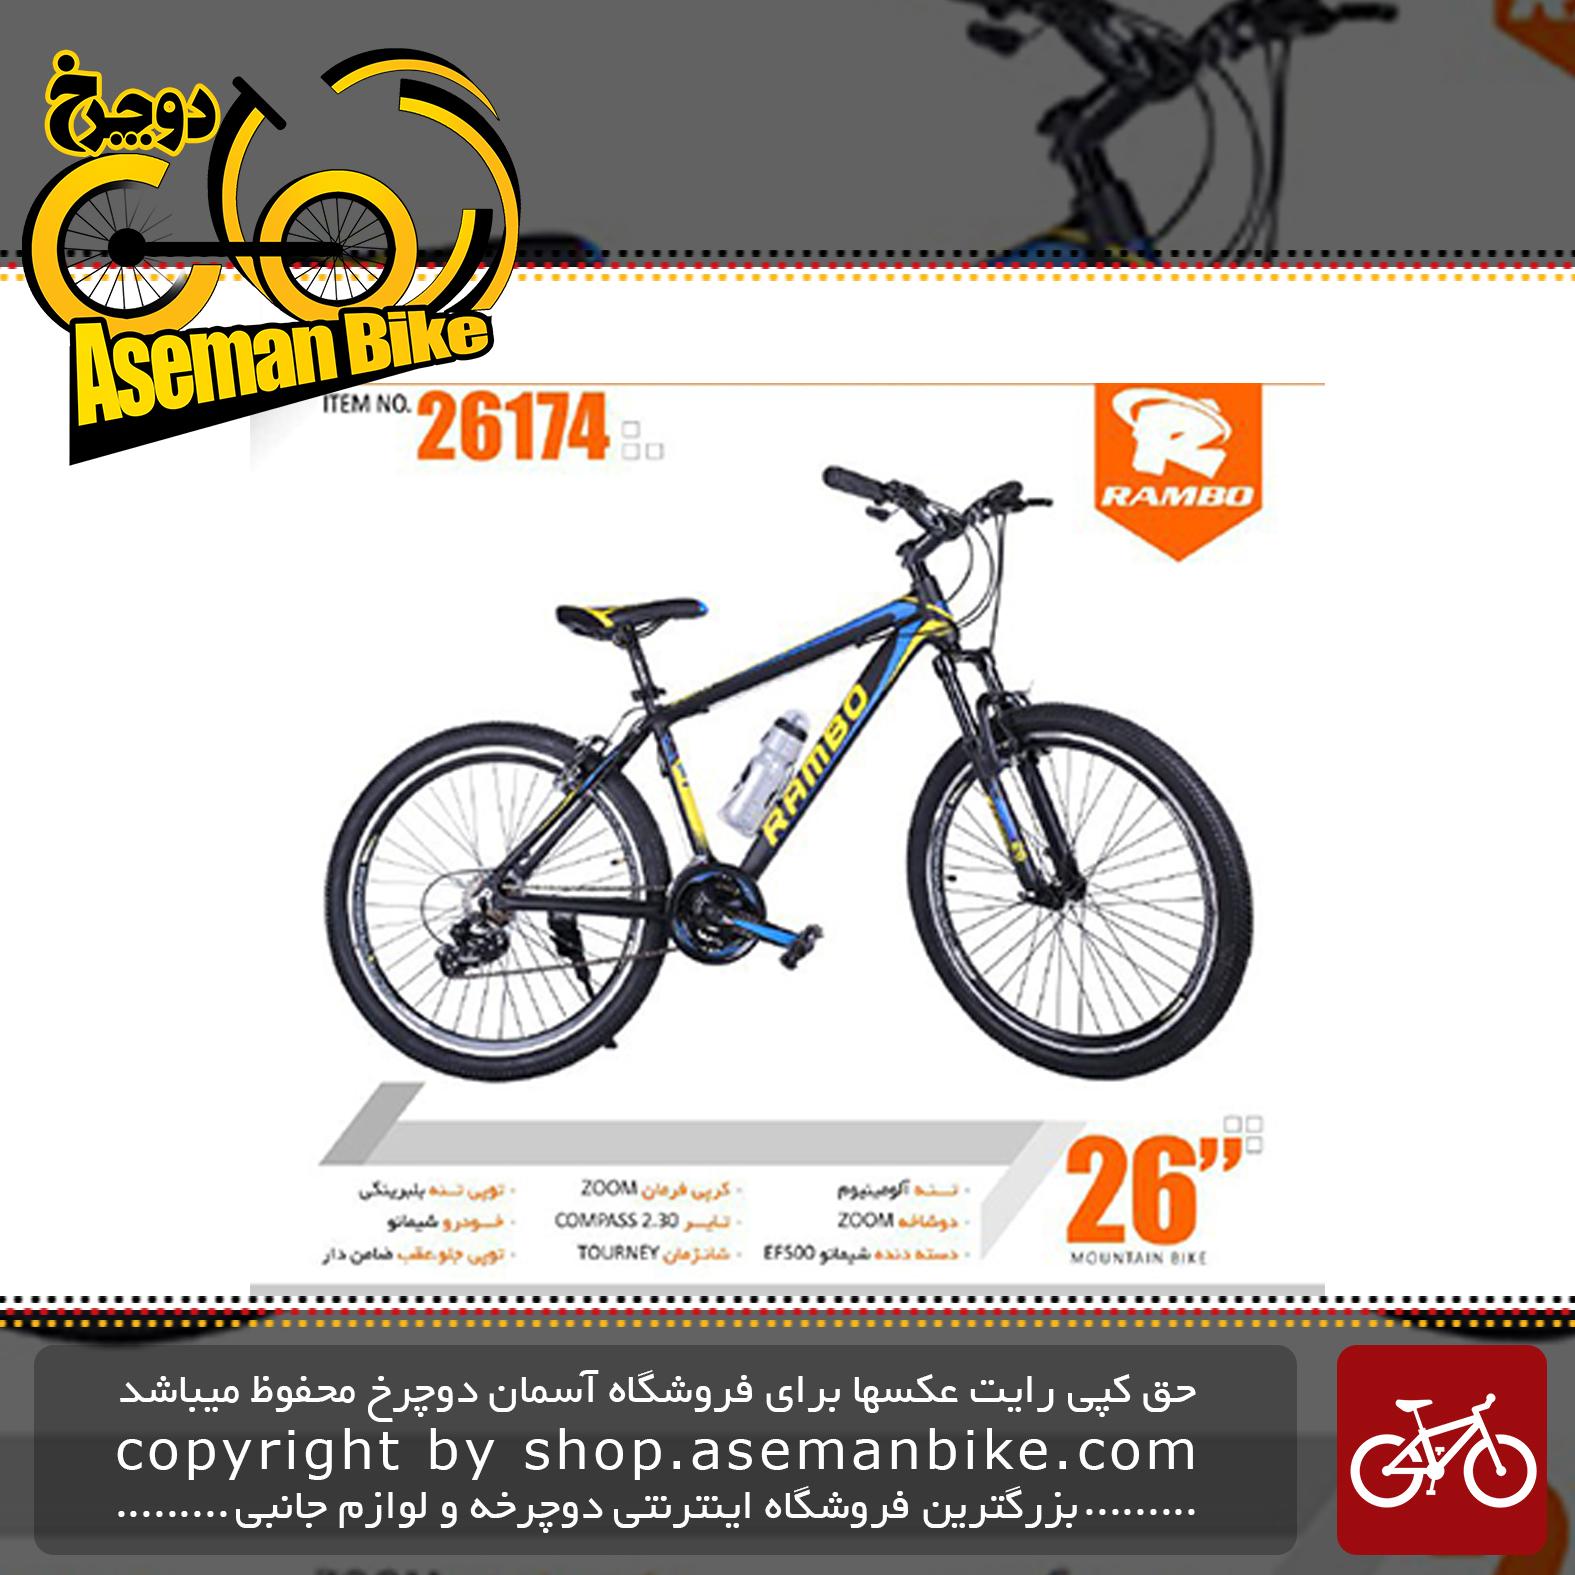 دوچرخه کوهستان رامبو سایز 26مدل ایمپرزا - 20RAMBO SIZE 26 IMPREZA-20